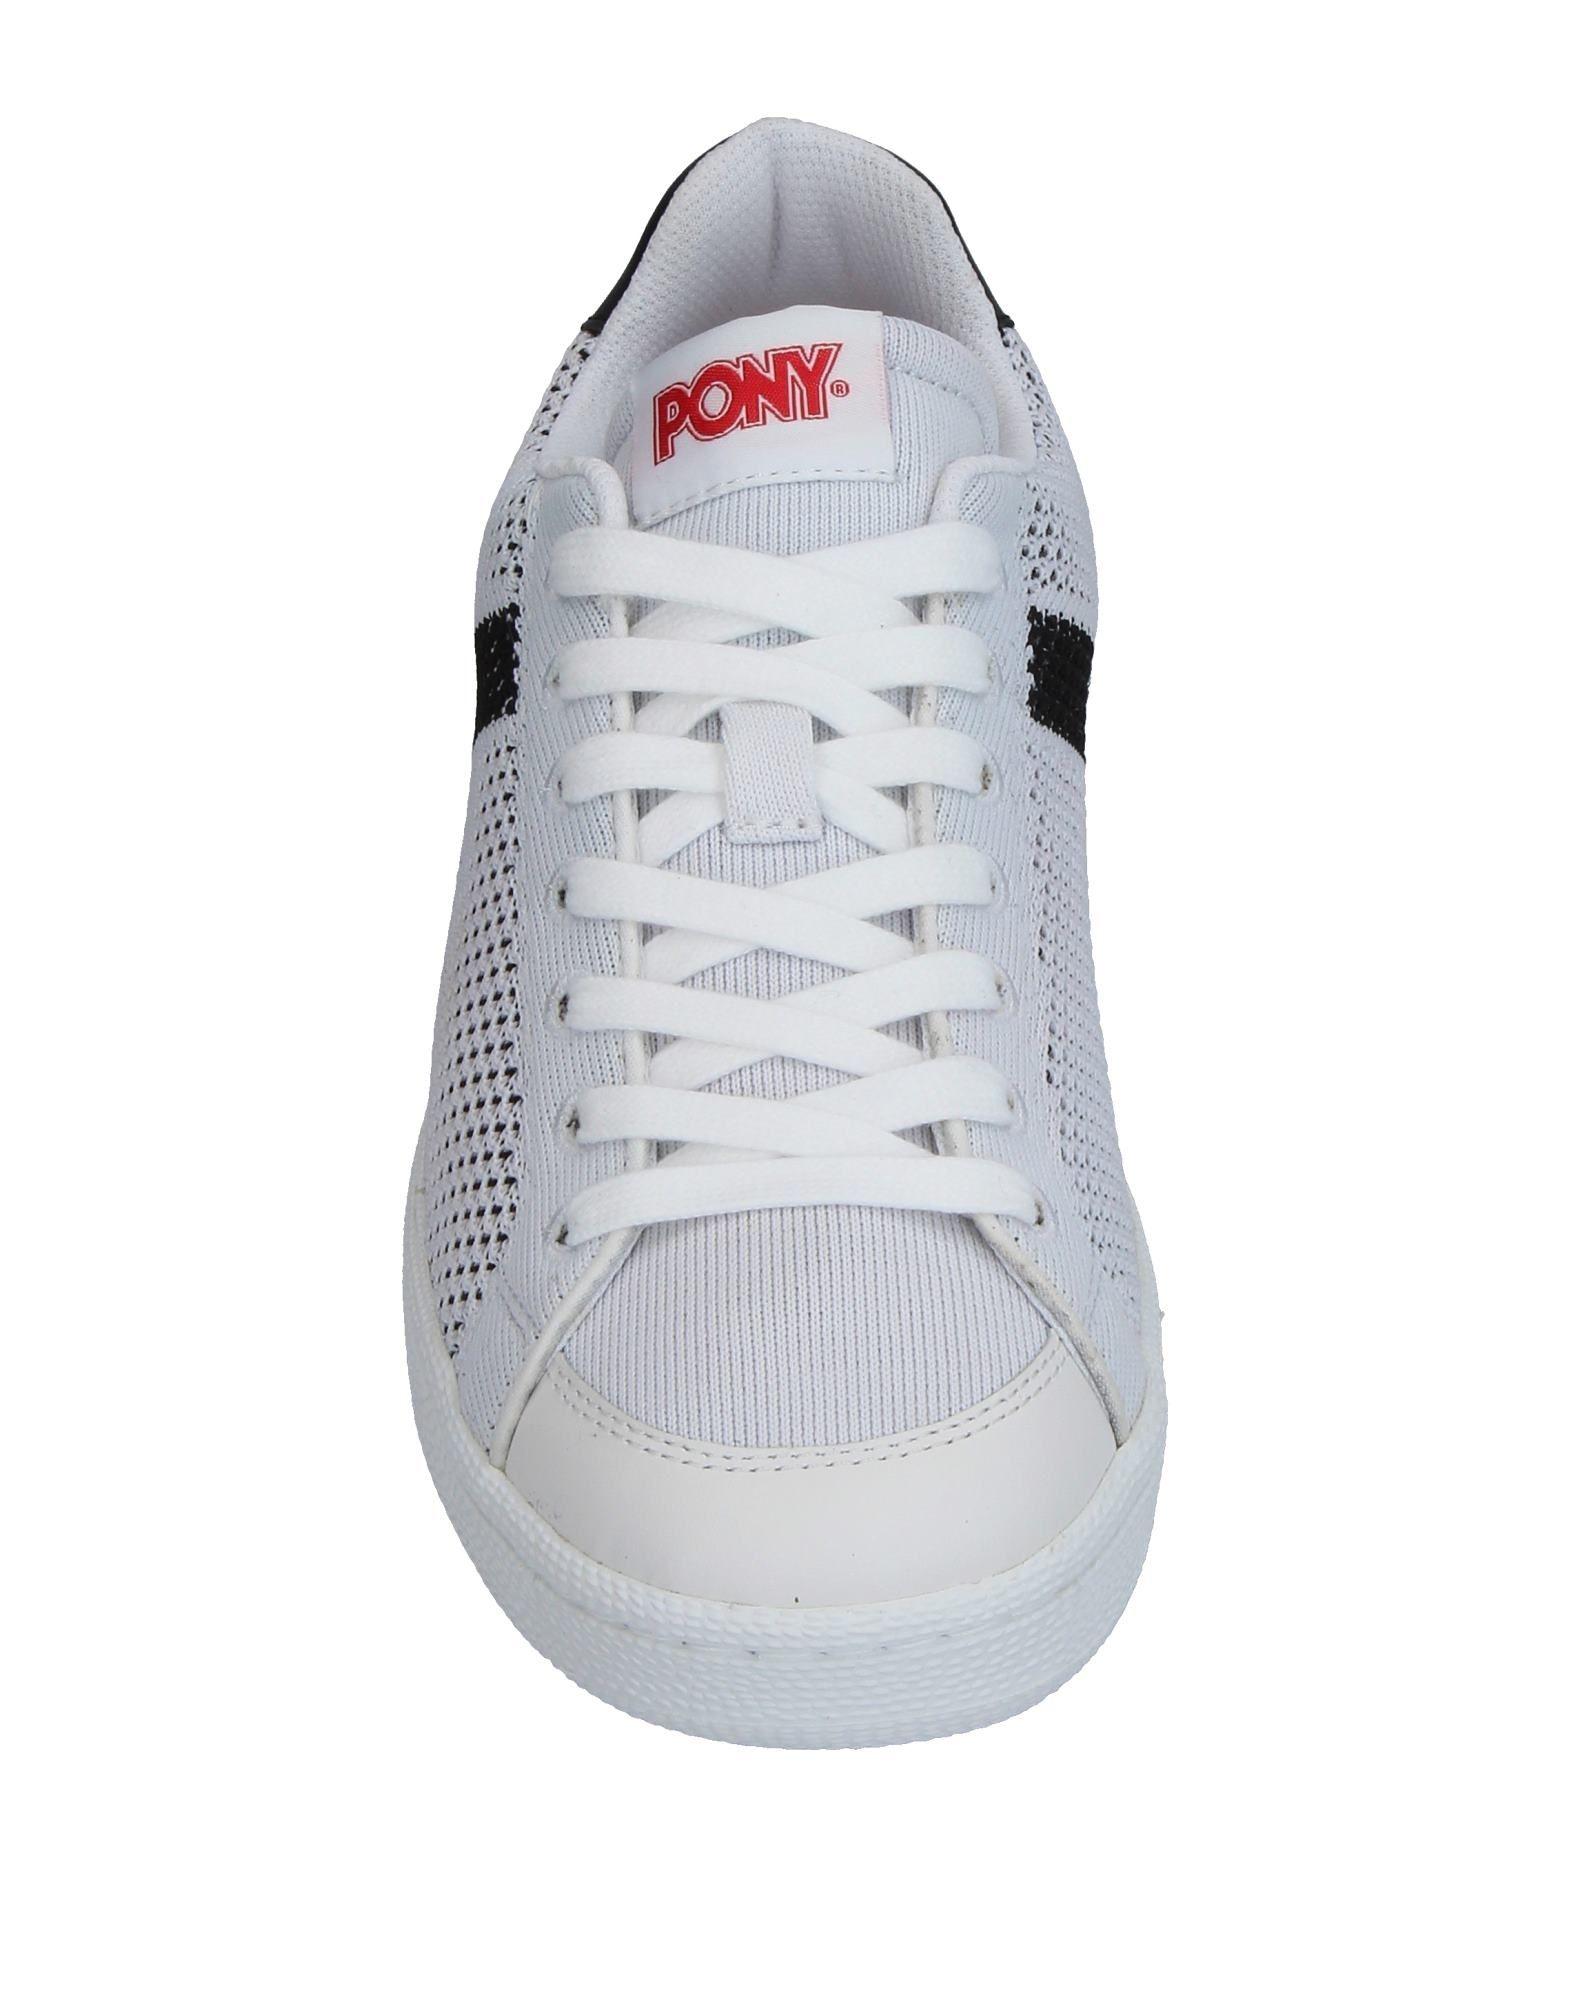 11342599DS Pony Sneakers Herren  11342599DS  f01959